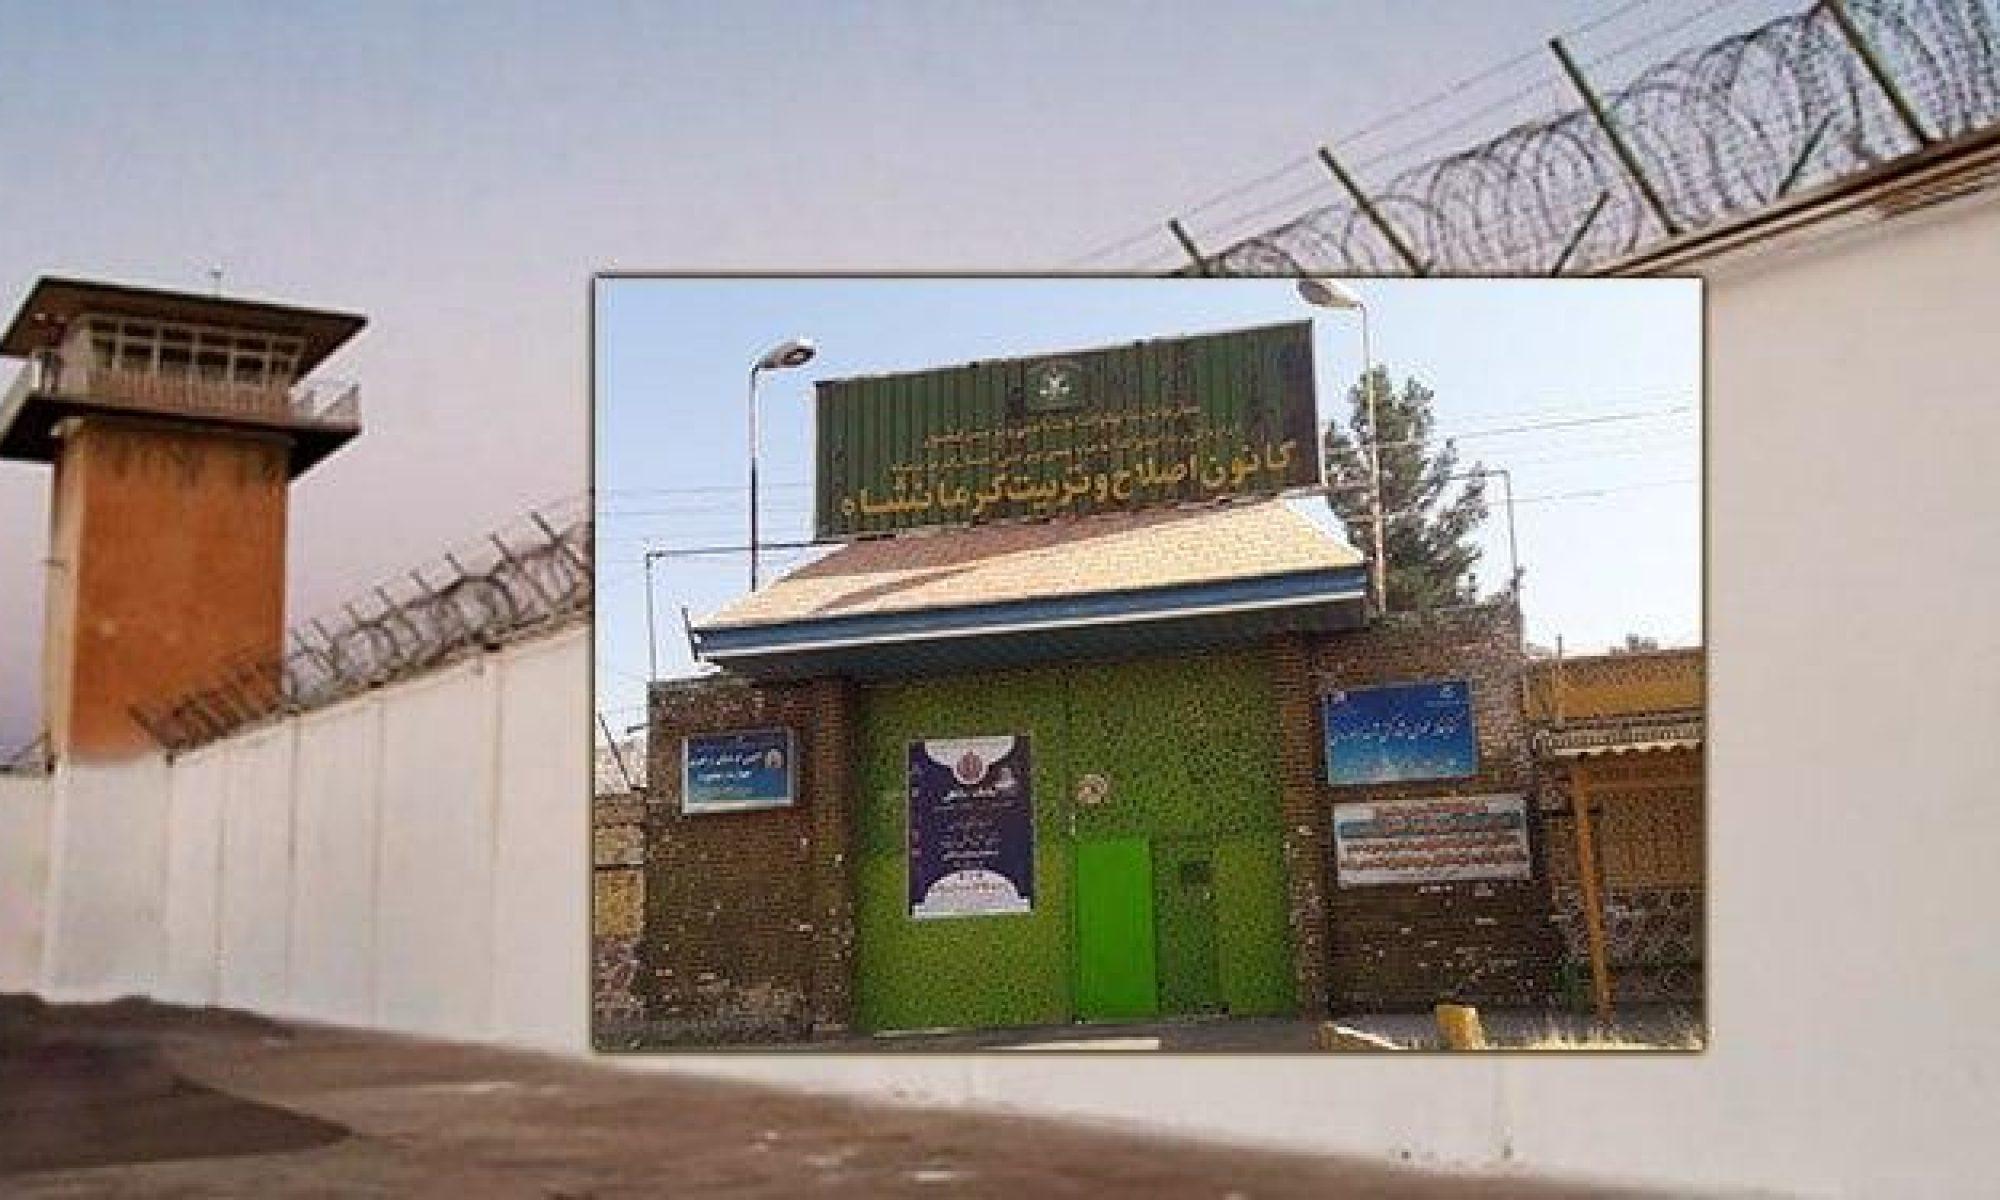 Hengaw: İran rejimi koşullarının düzeltilmesini isteyen kadın mahkumlara saldırdı, Kirmanşah, Doğu Kürdistan